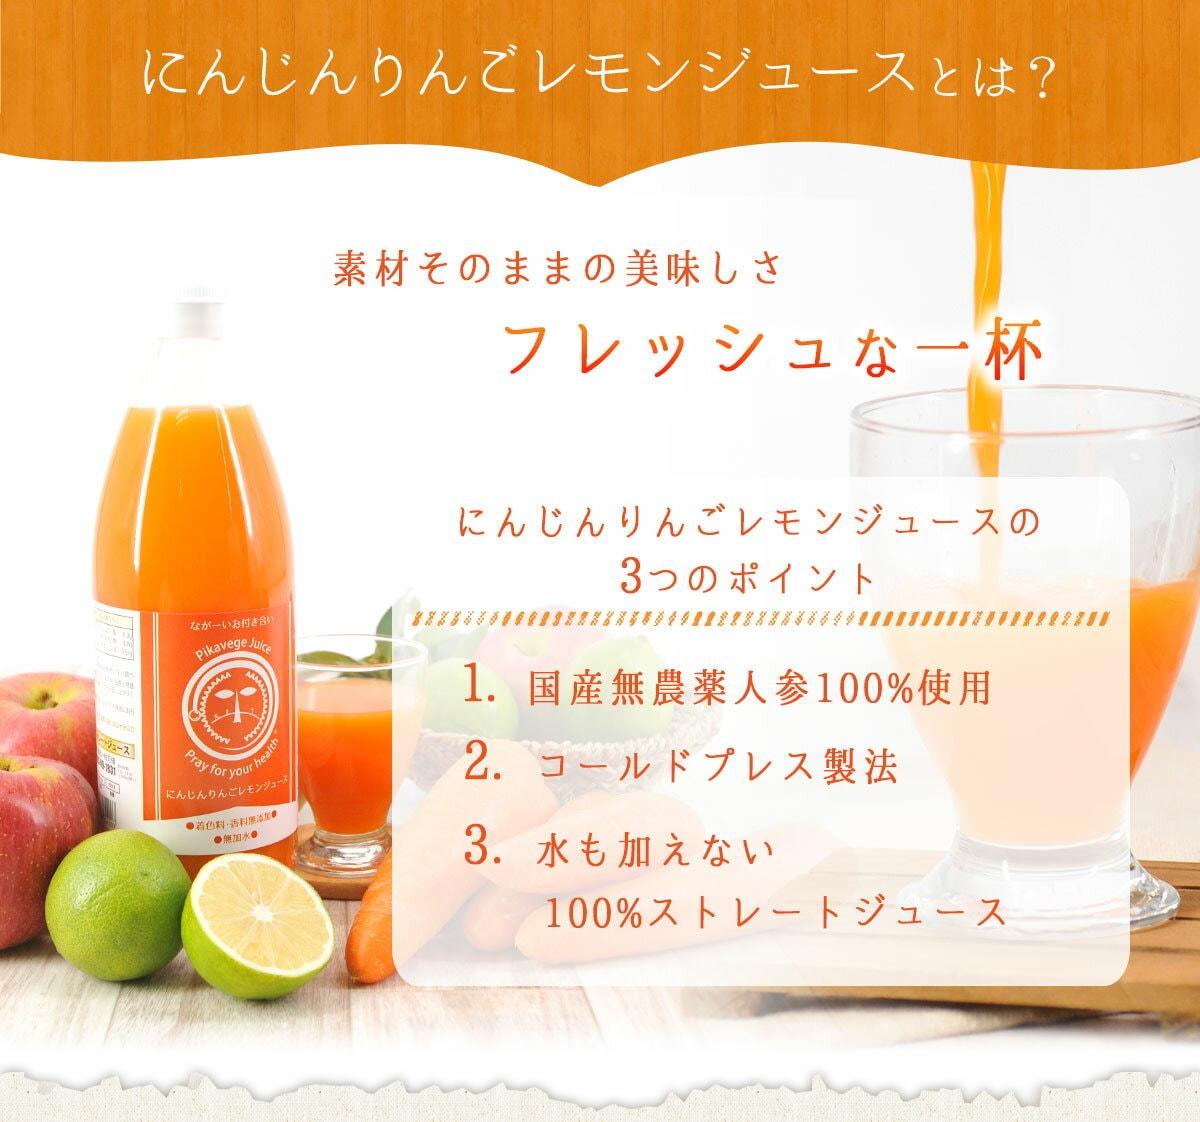 にんじんりんごレモンジュースとは?